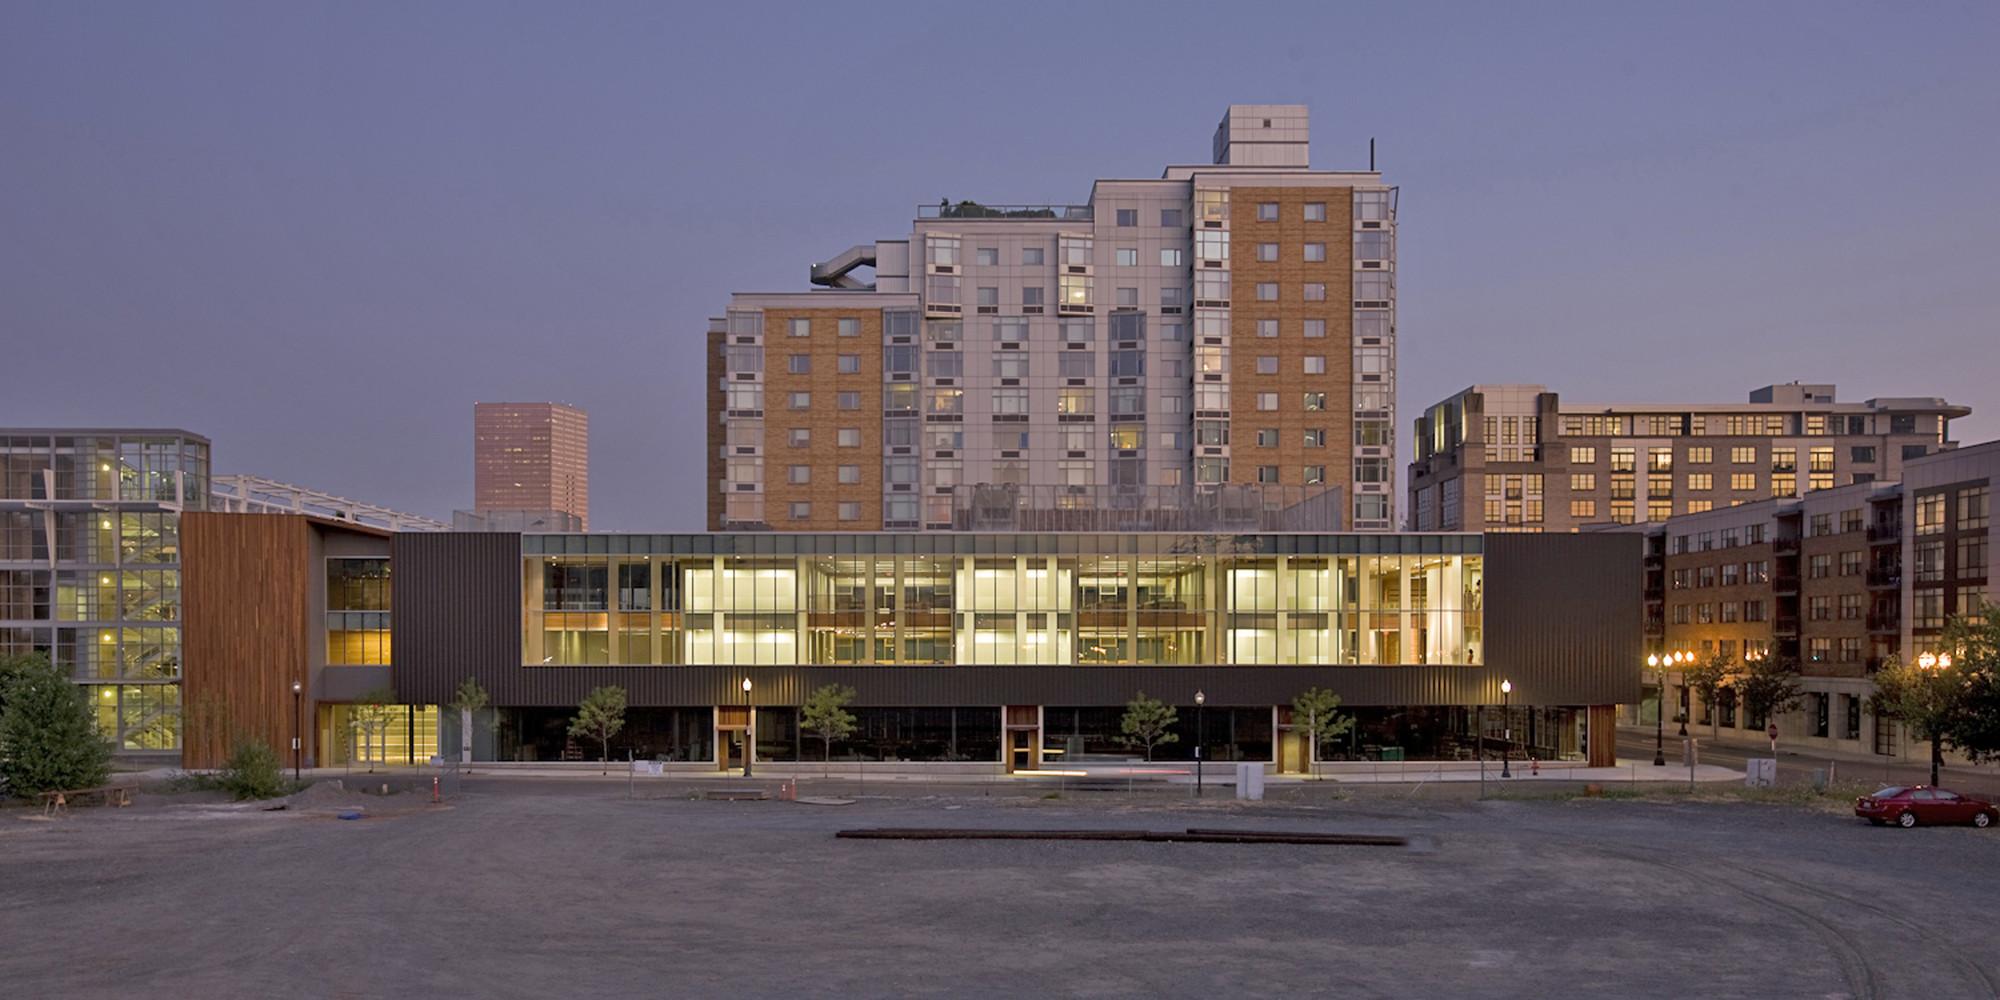 Ziba Design World Headquarters / Holst Architecture, © Stephen Miller